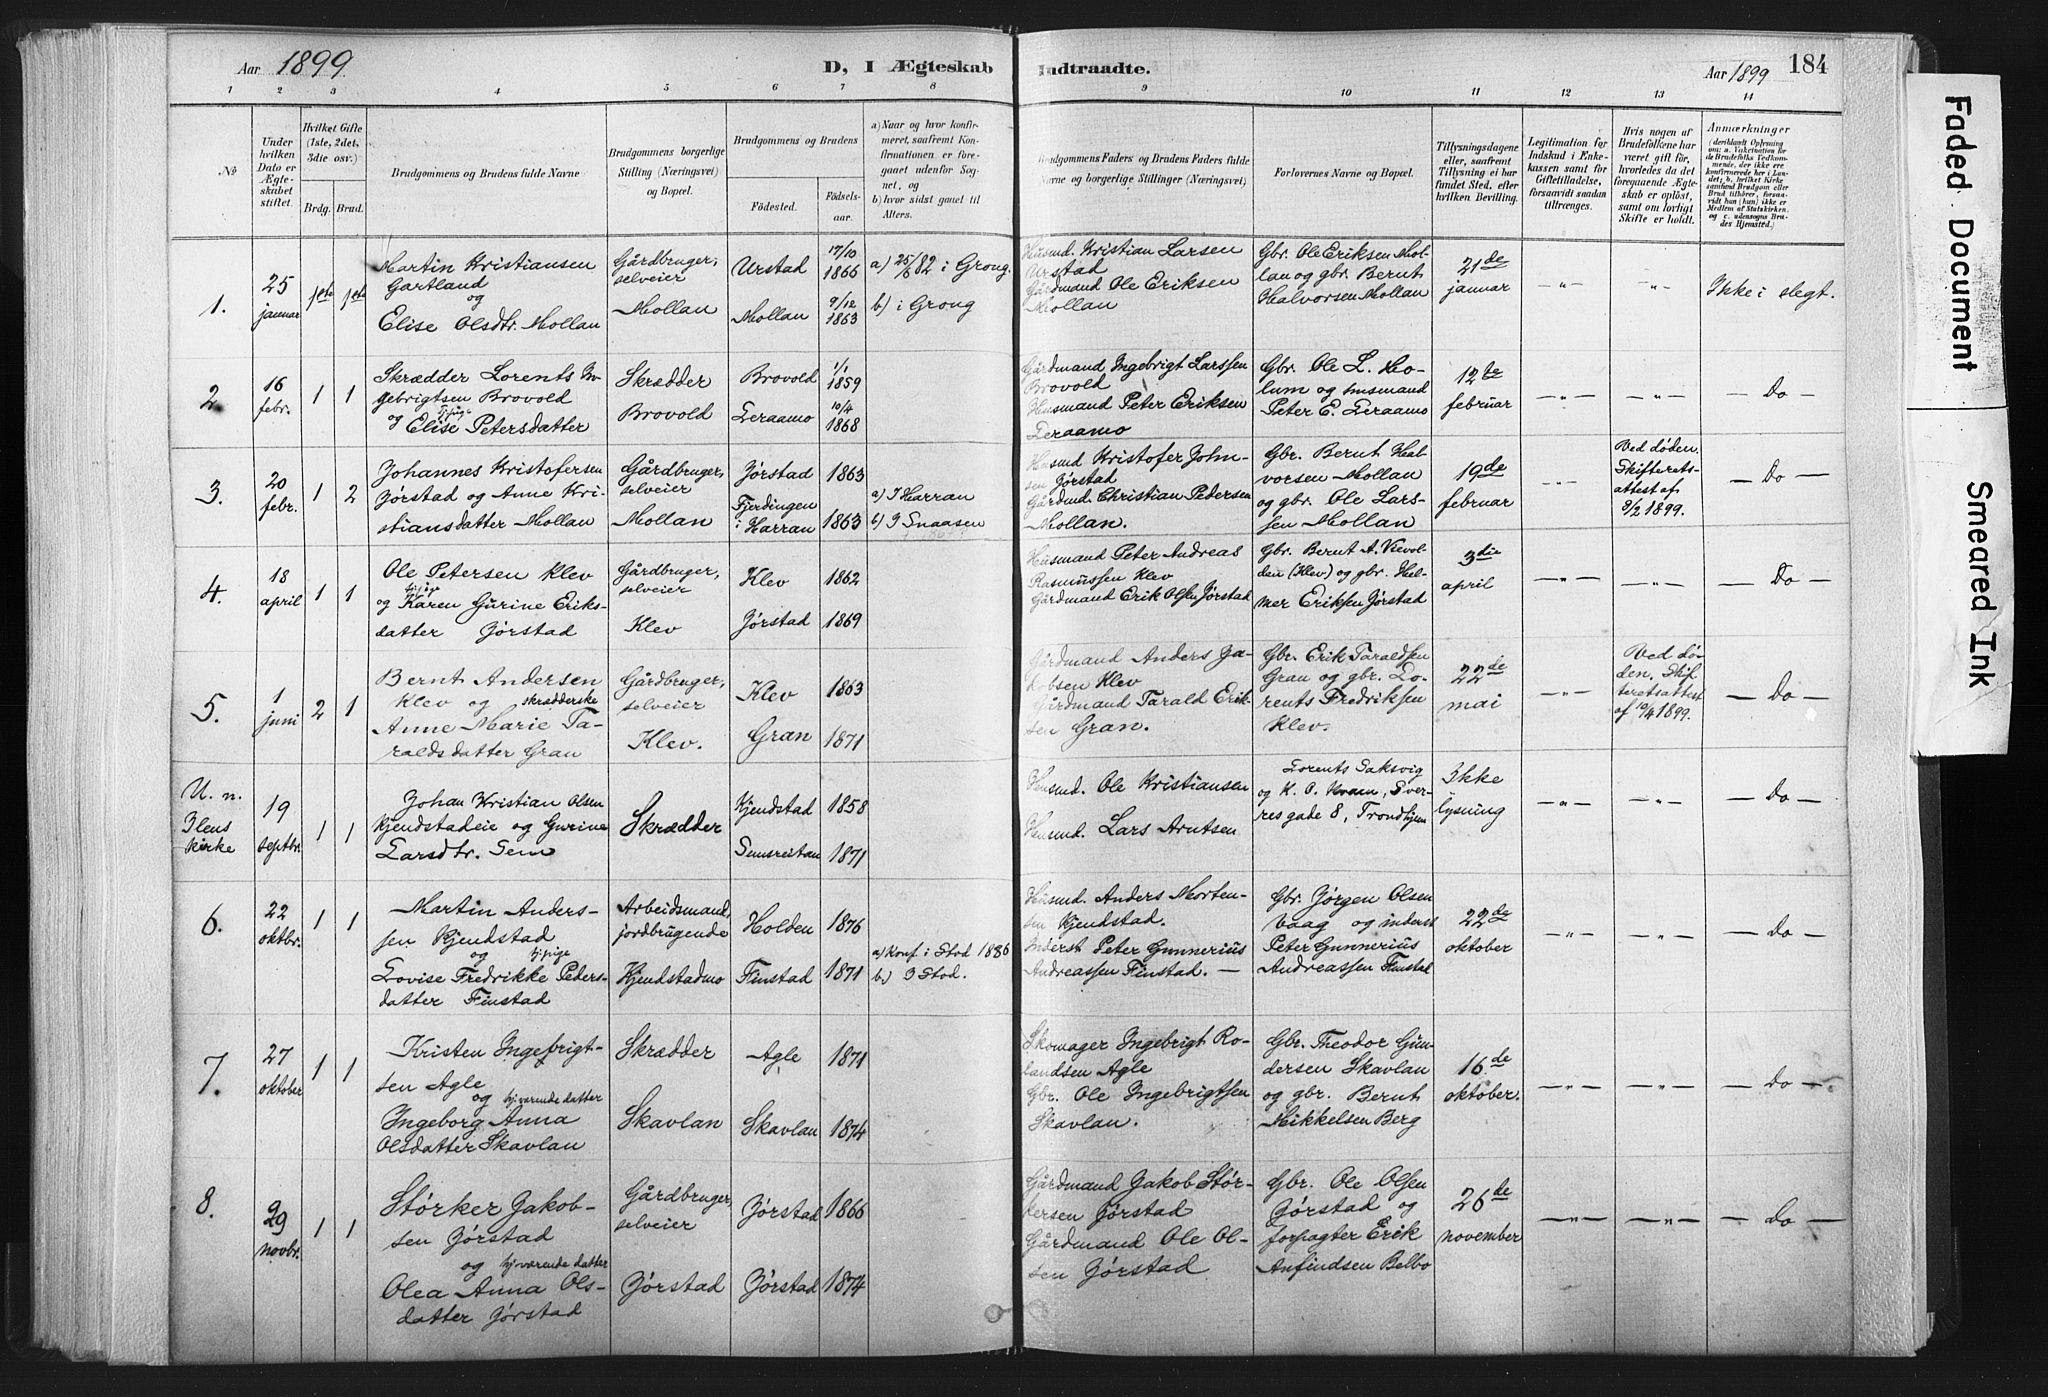 SAT, Ministerialprotokoller, klokkerbøker og fødselsregistre - Nord-Trøndelag, 749/L0474: Ministerialbok nr. 749A08, 1887-1903, s. 184